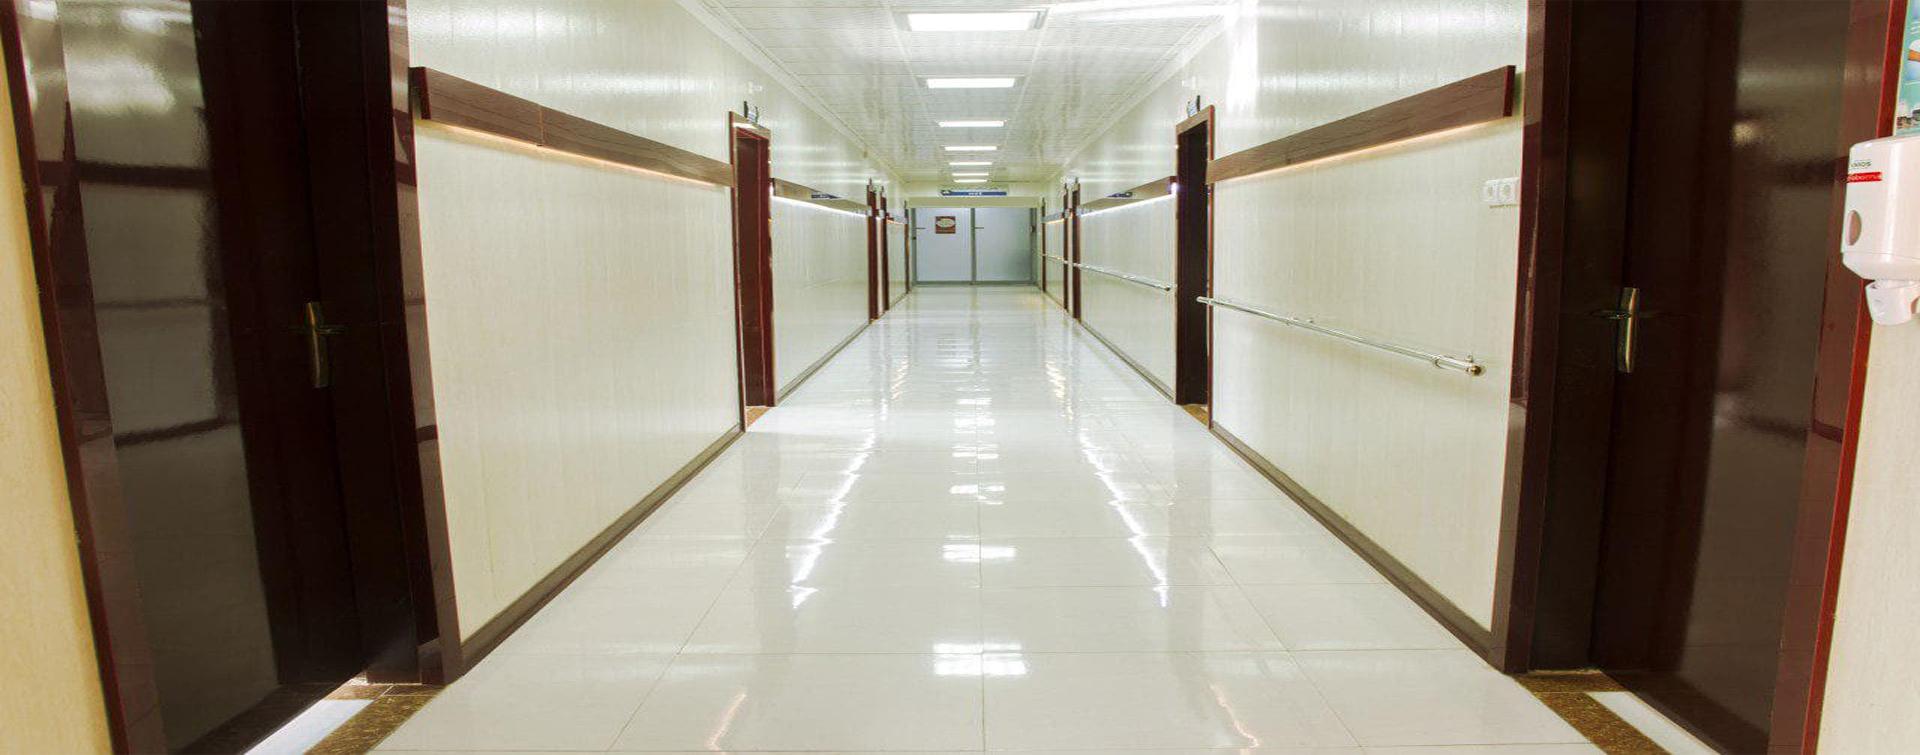 بیمارستان شهید مصطفی خمینی